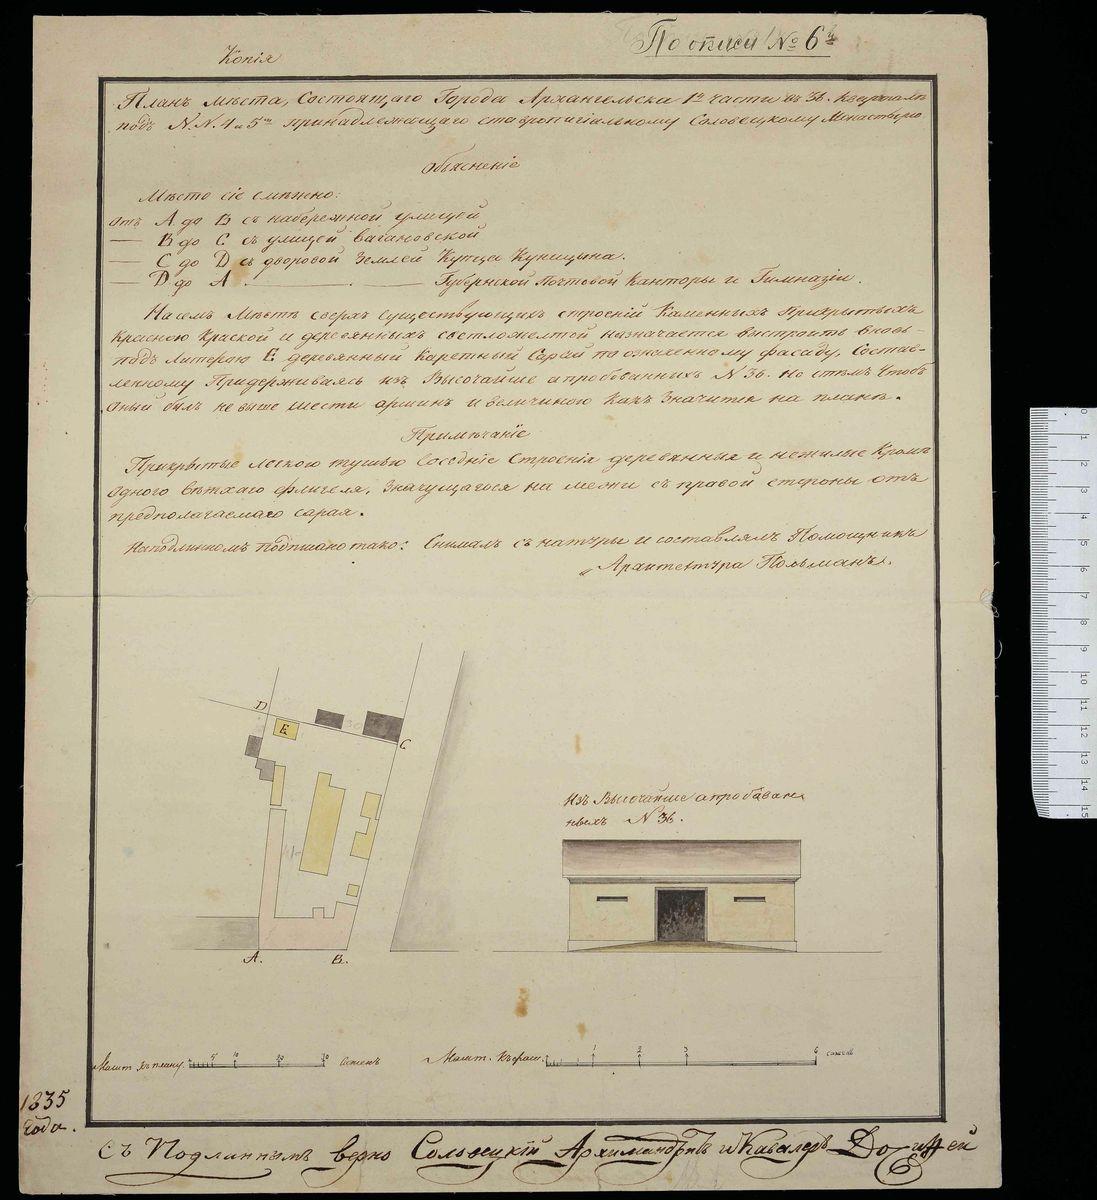 АОКМ КП-15934-5 Проект на постройку деревянного каретного сарая